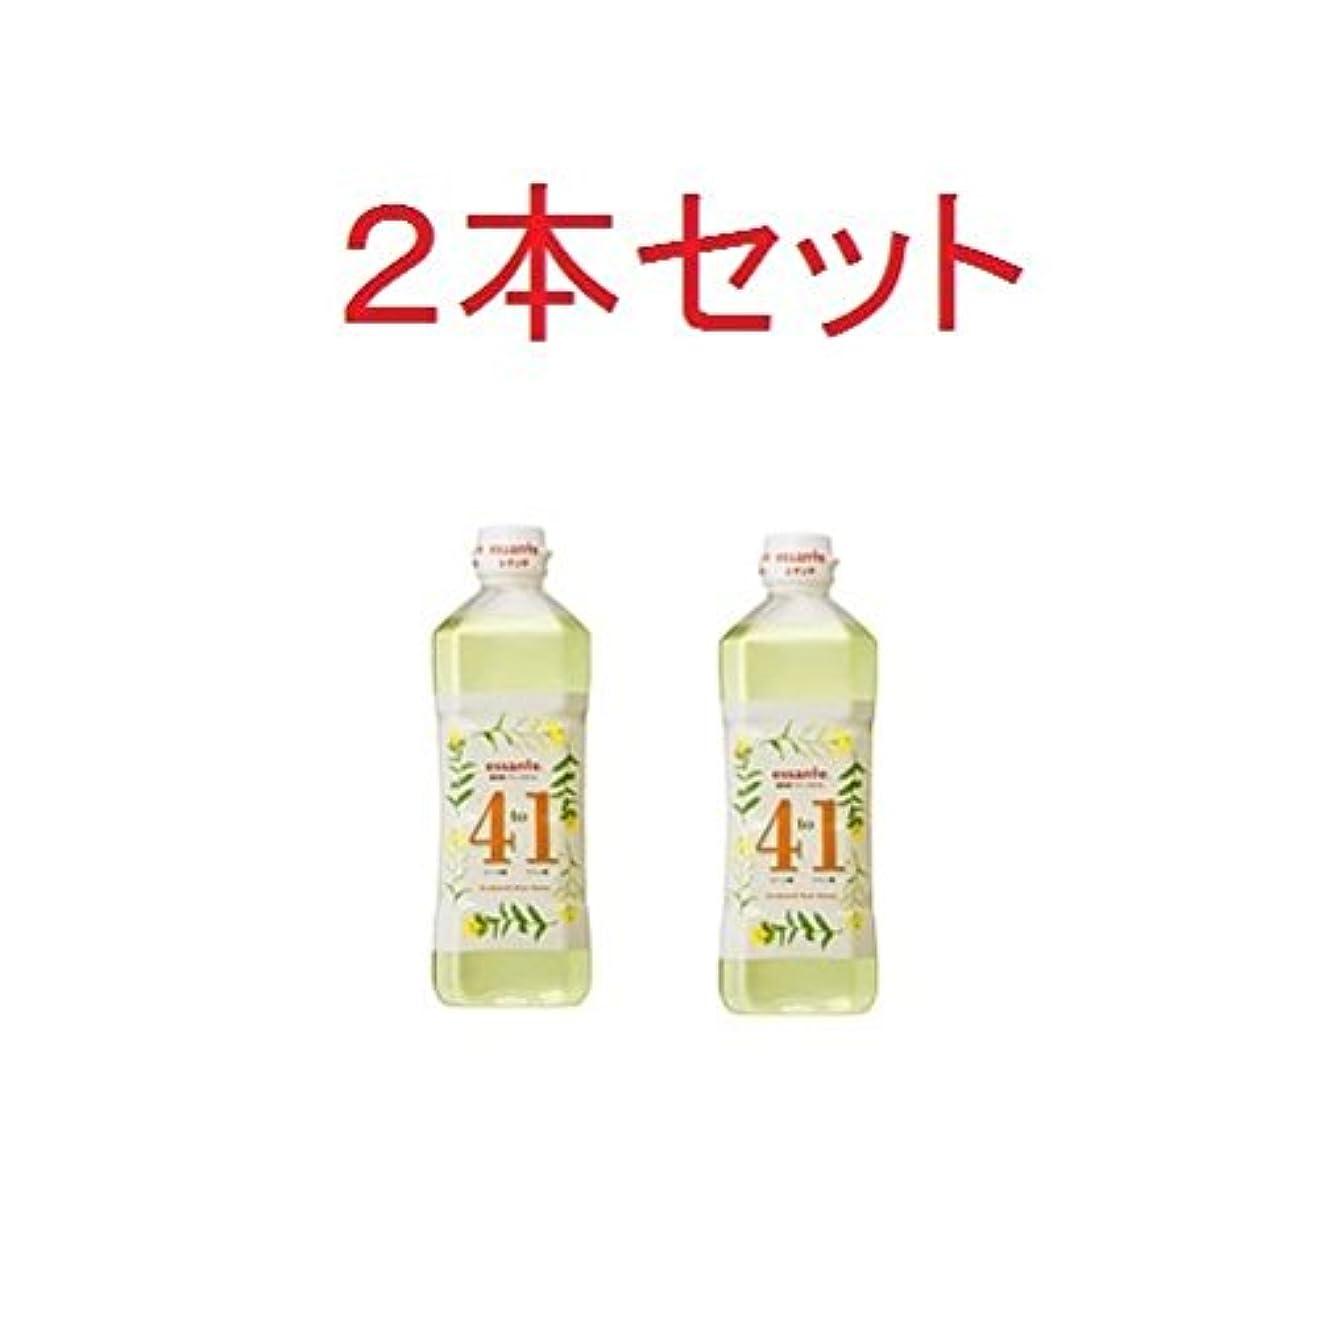 無意味実り多いランプ2本セット アムウェイ エサンテ 4 to 1 脂肪酸バランスオイル